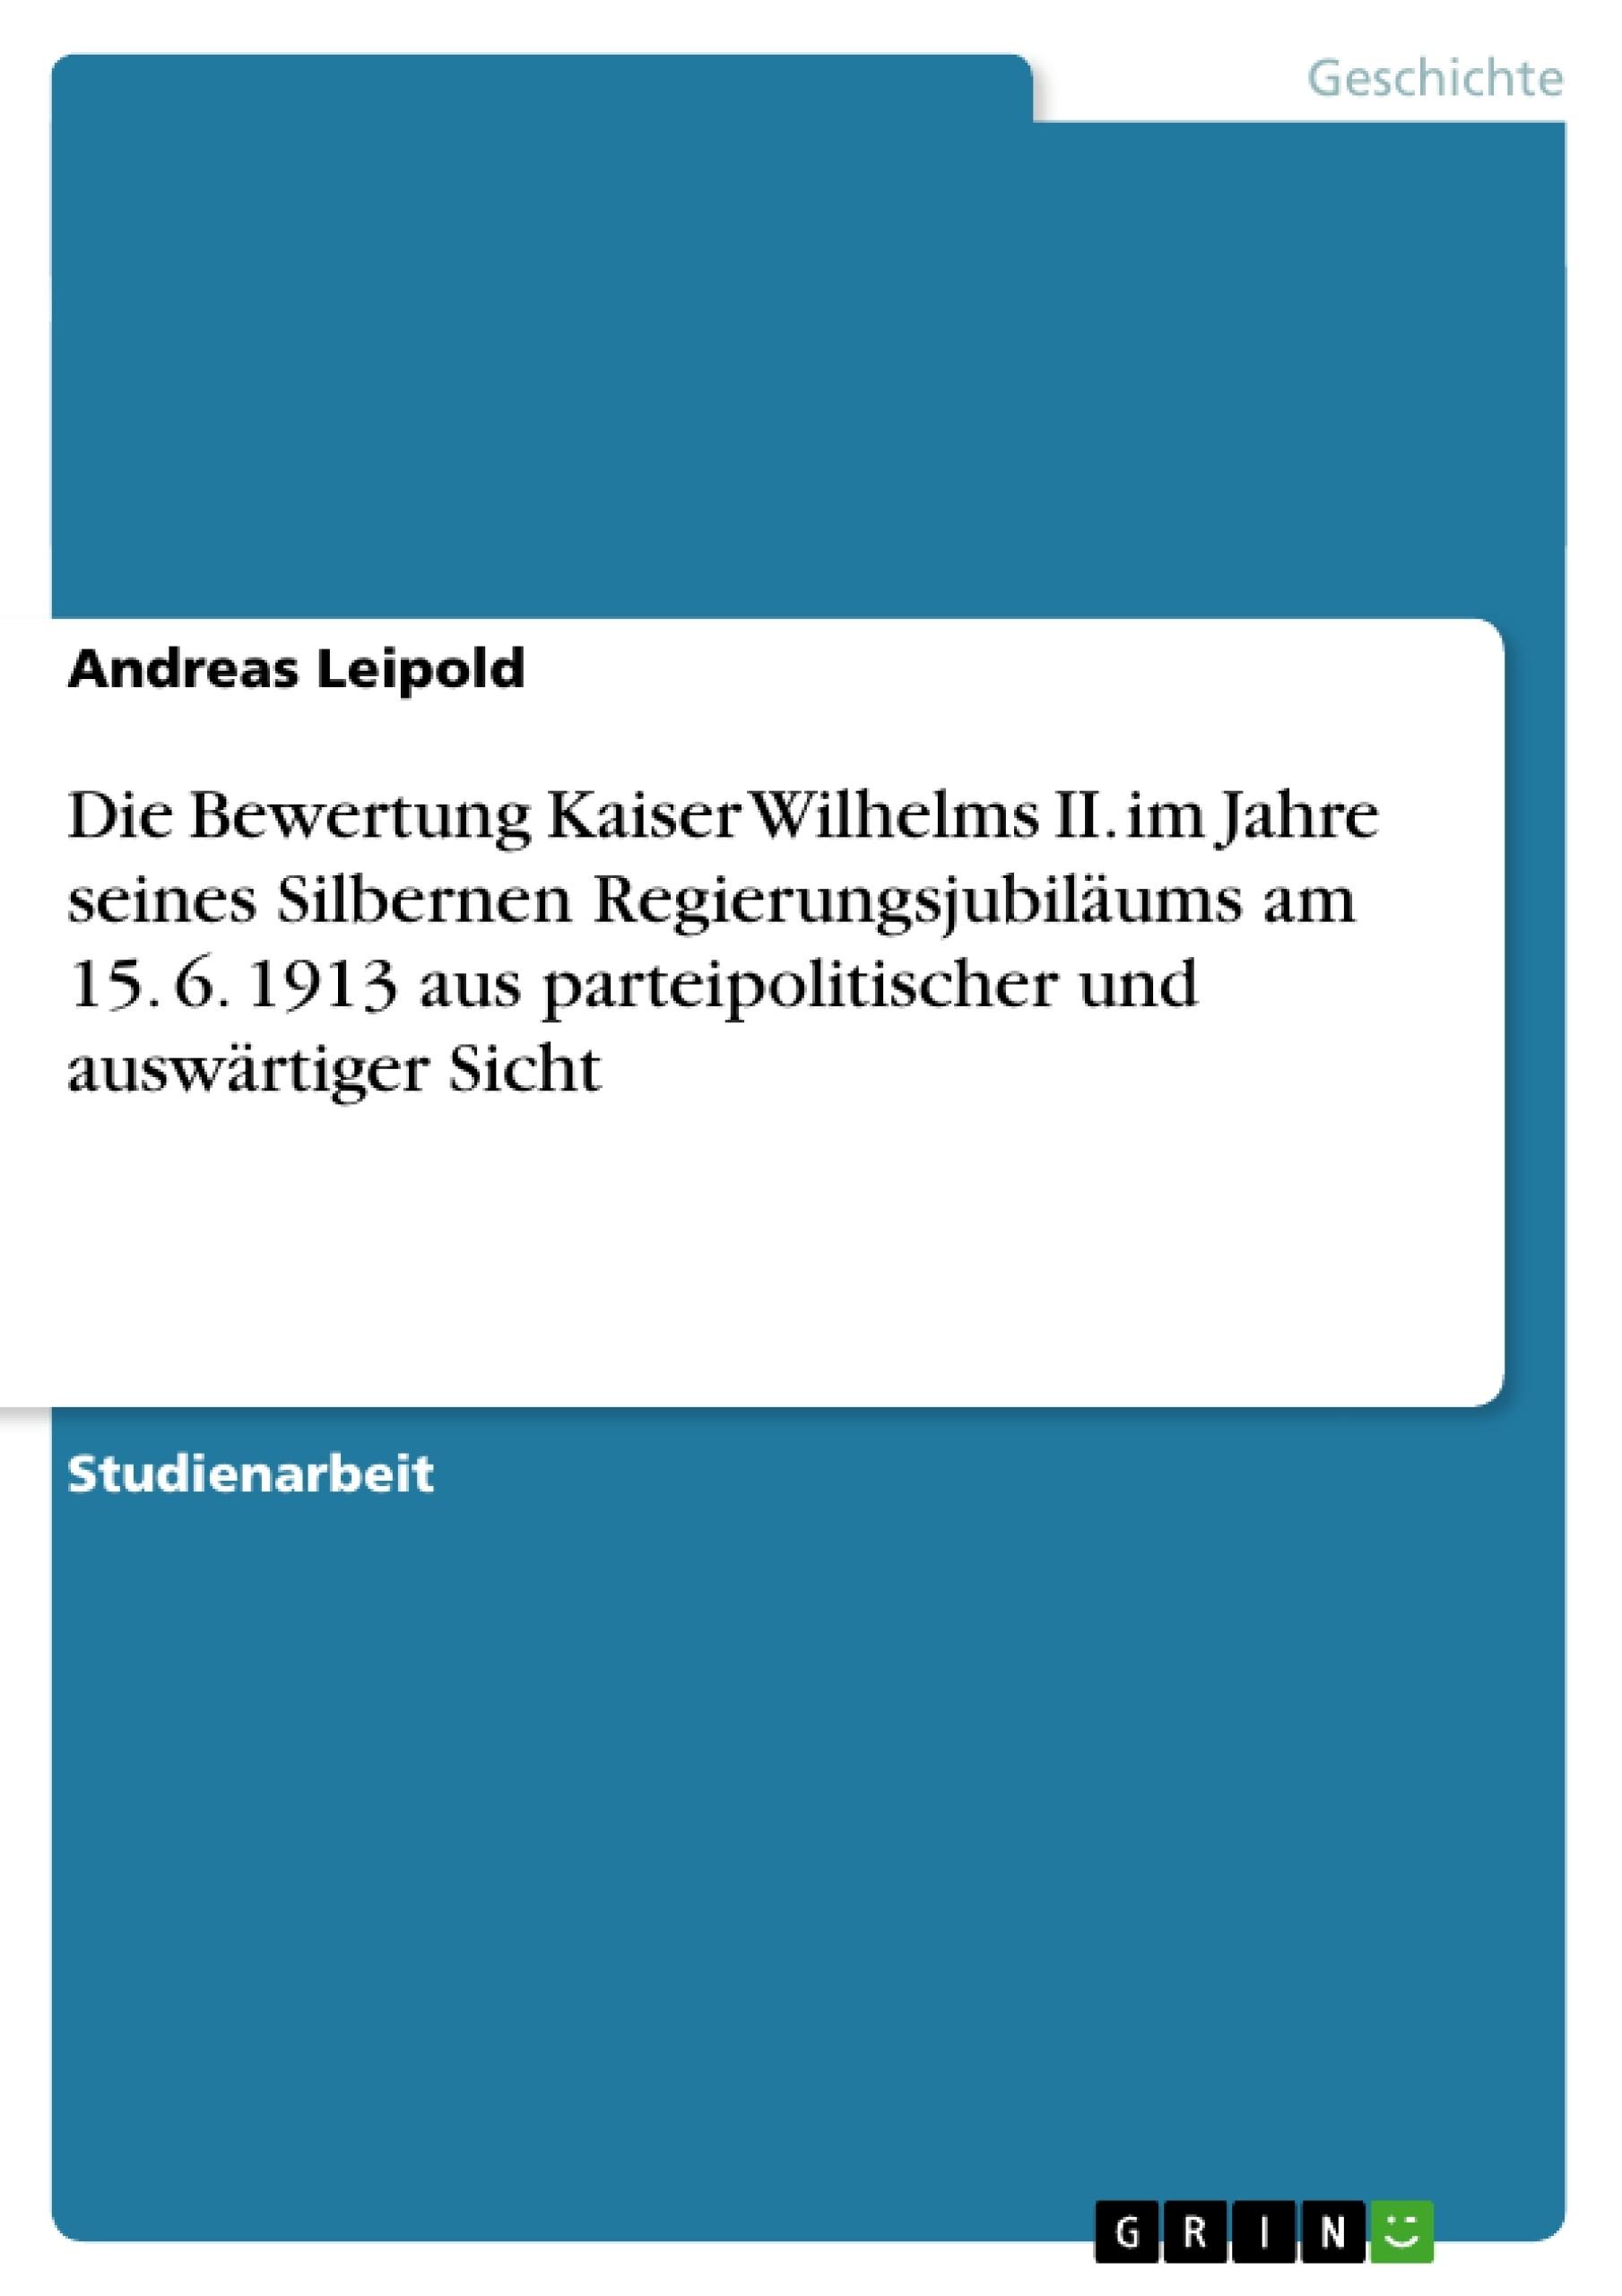 Titel: Die Bewertung Kaiser Wilhelms II. im Jahre seines Silbernen Regierungsjubiläums am 15. 6.  1913 aus parteipolitischer und auswärtiger Sicht